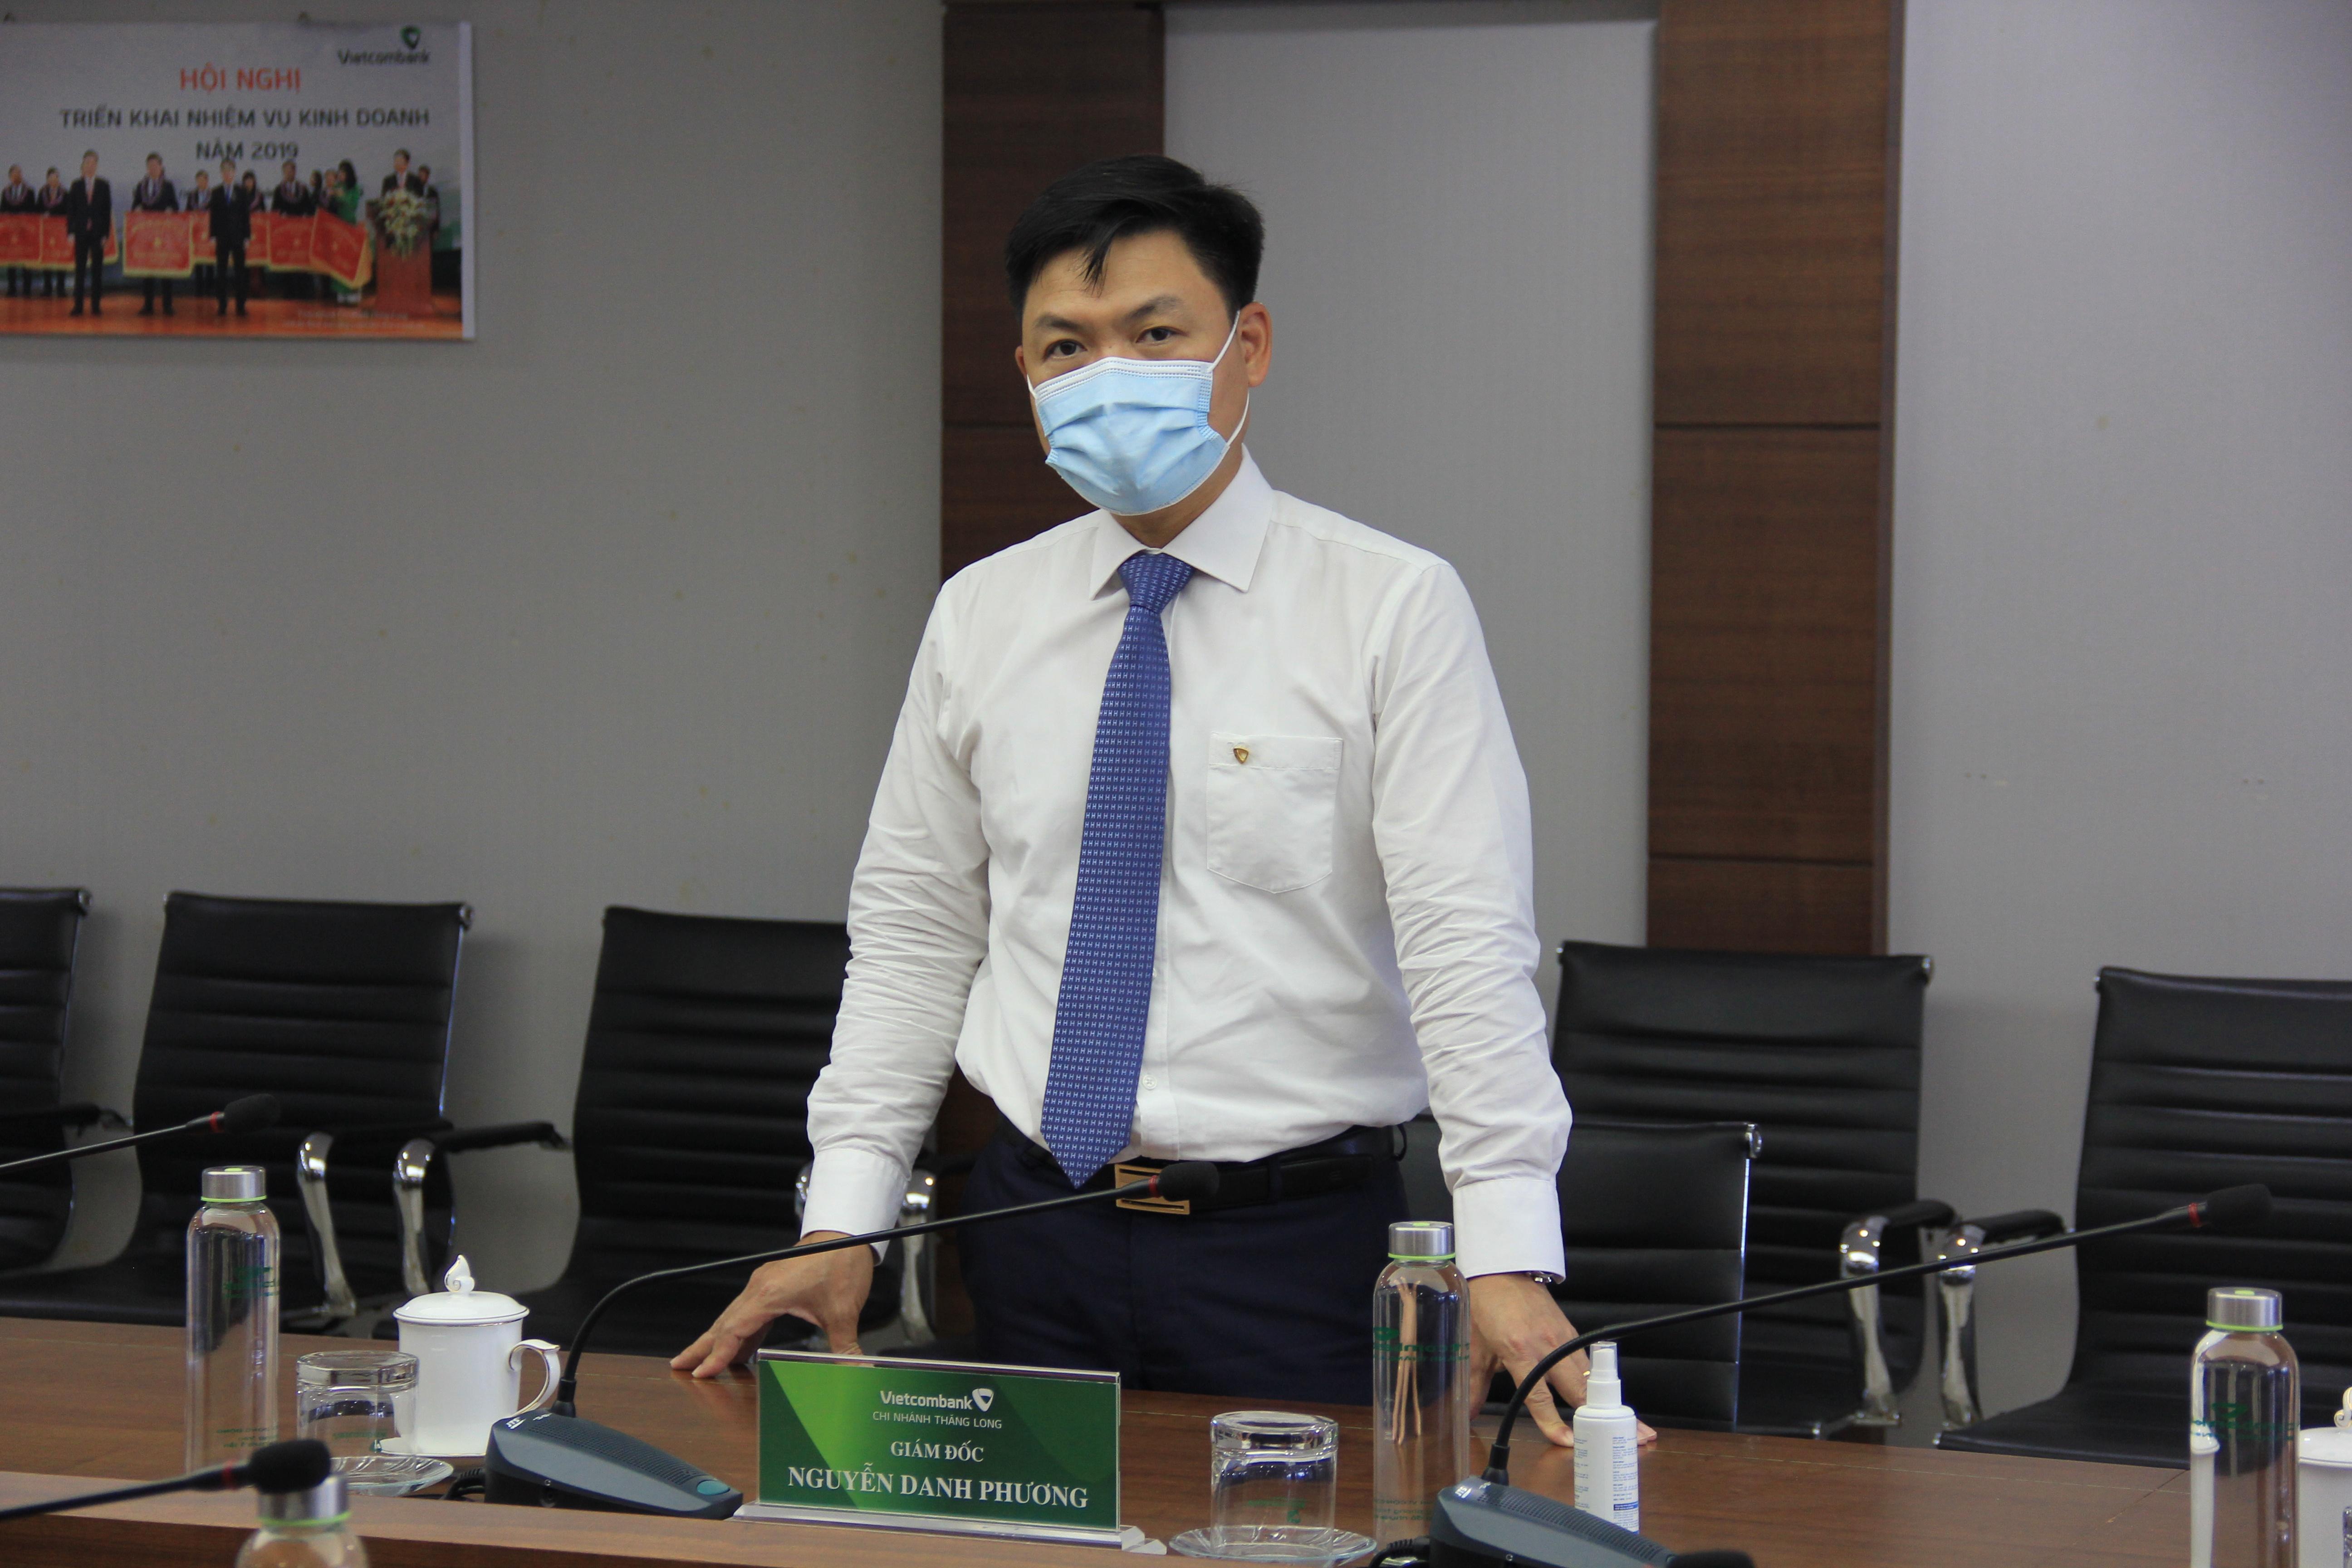 vietcombank trao thuong 500 trieu dong cho khach hang may man